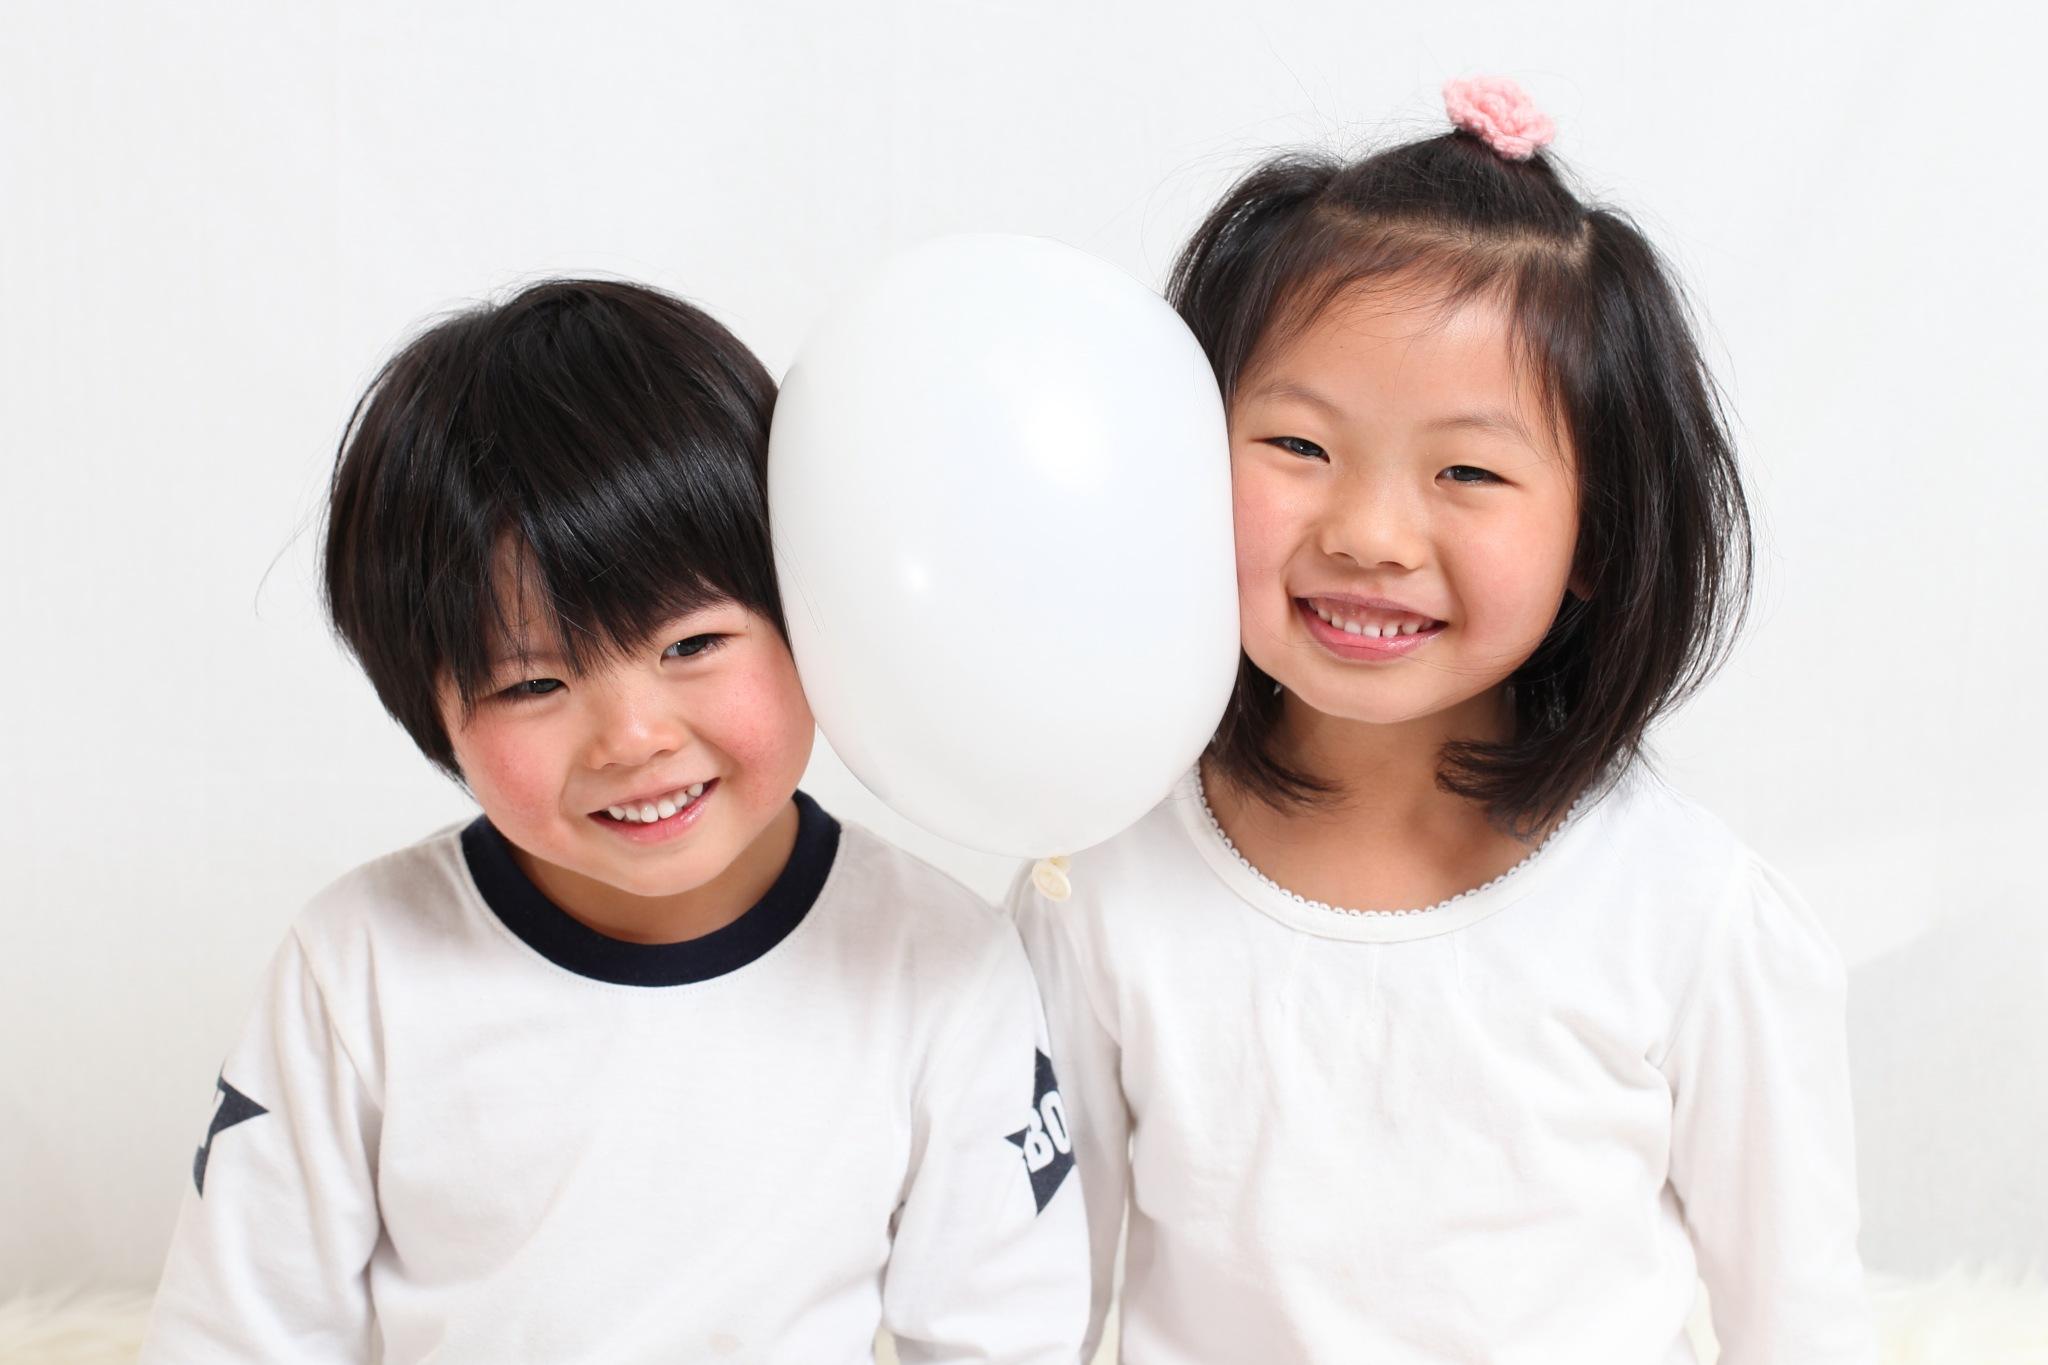 笑顔:smile by utsushiyasakura